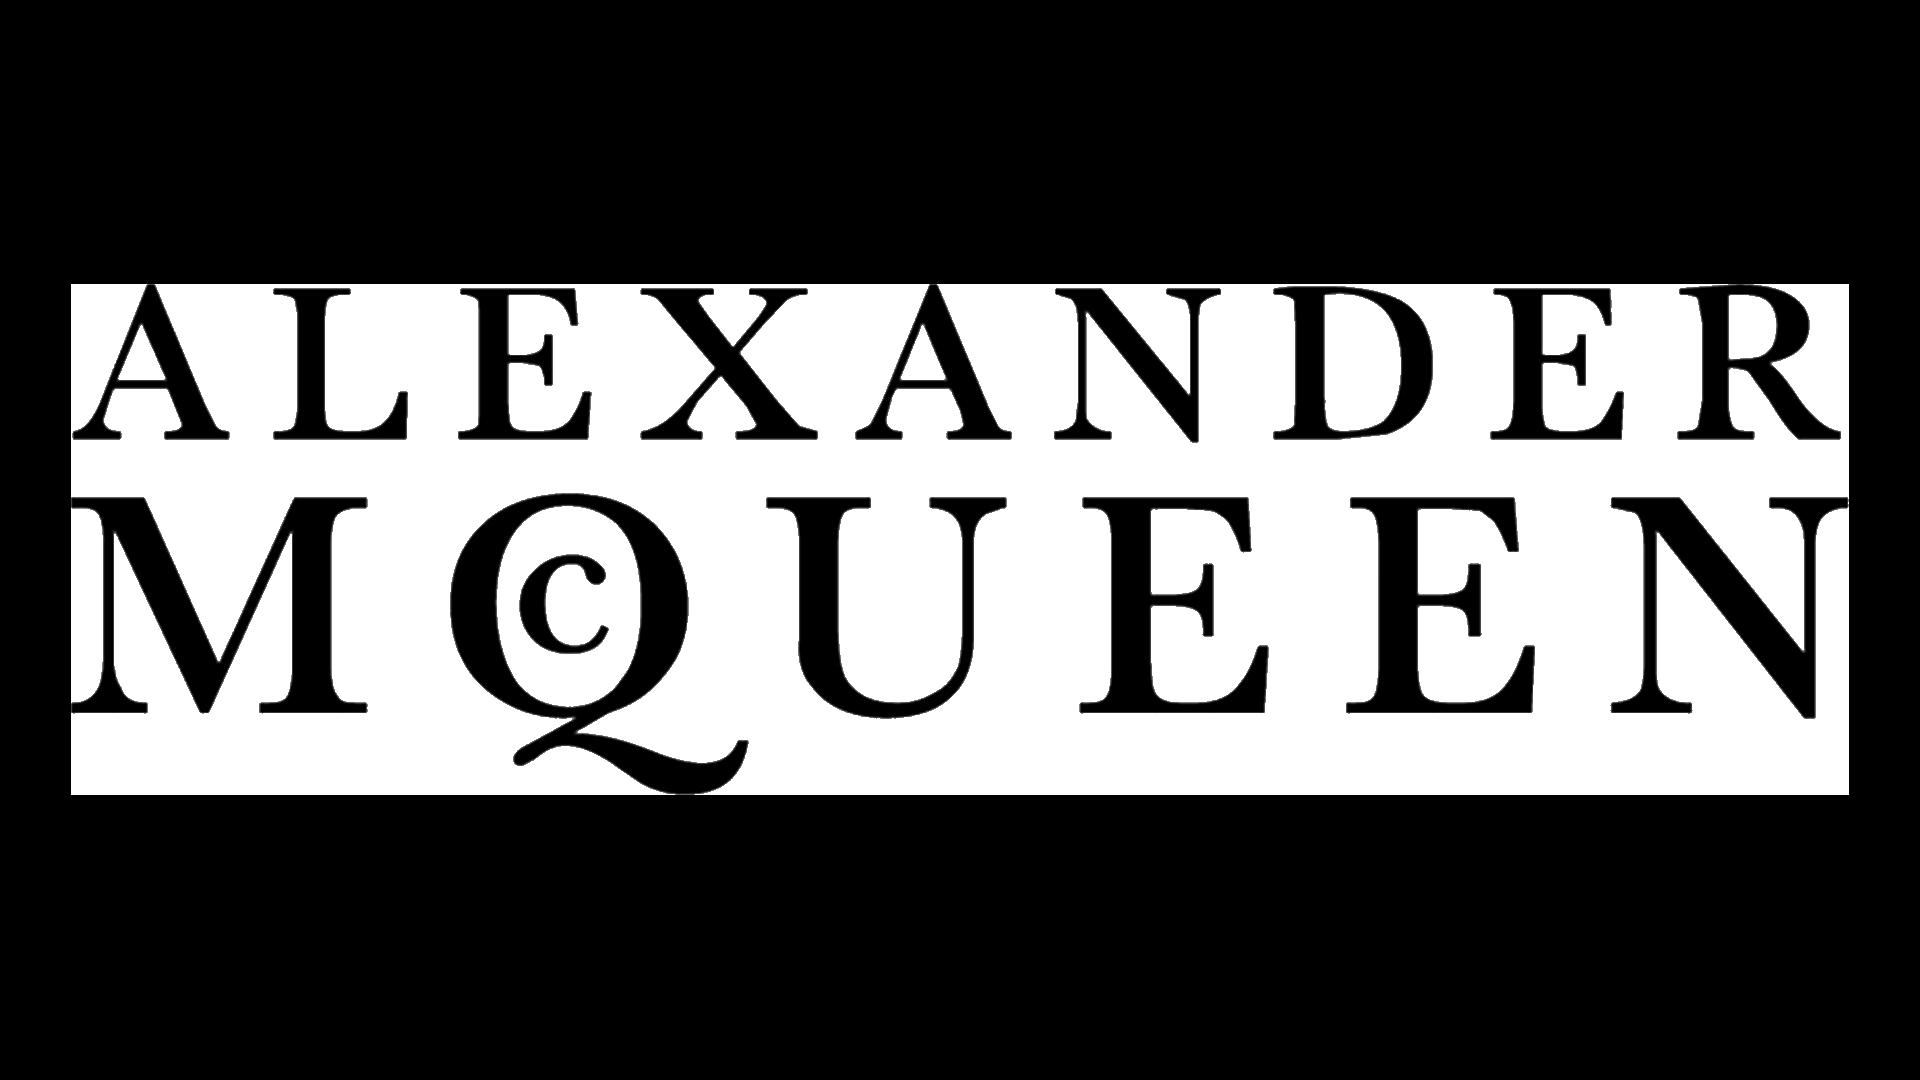 Alexander McQueenbrand logo